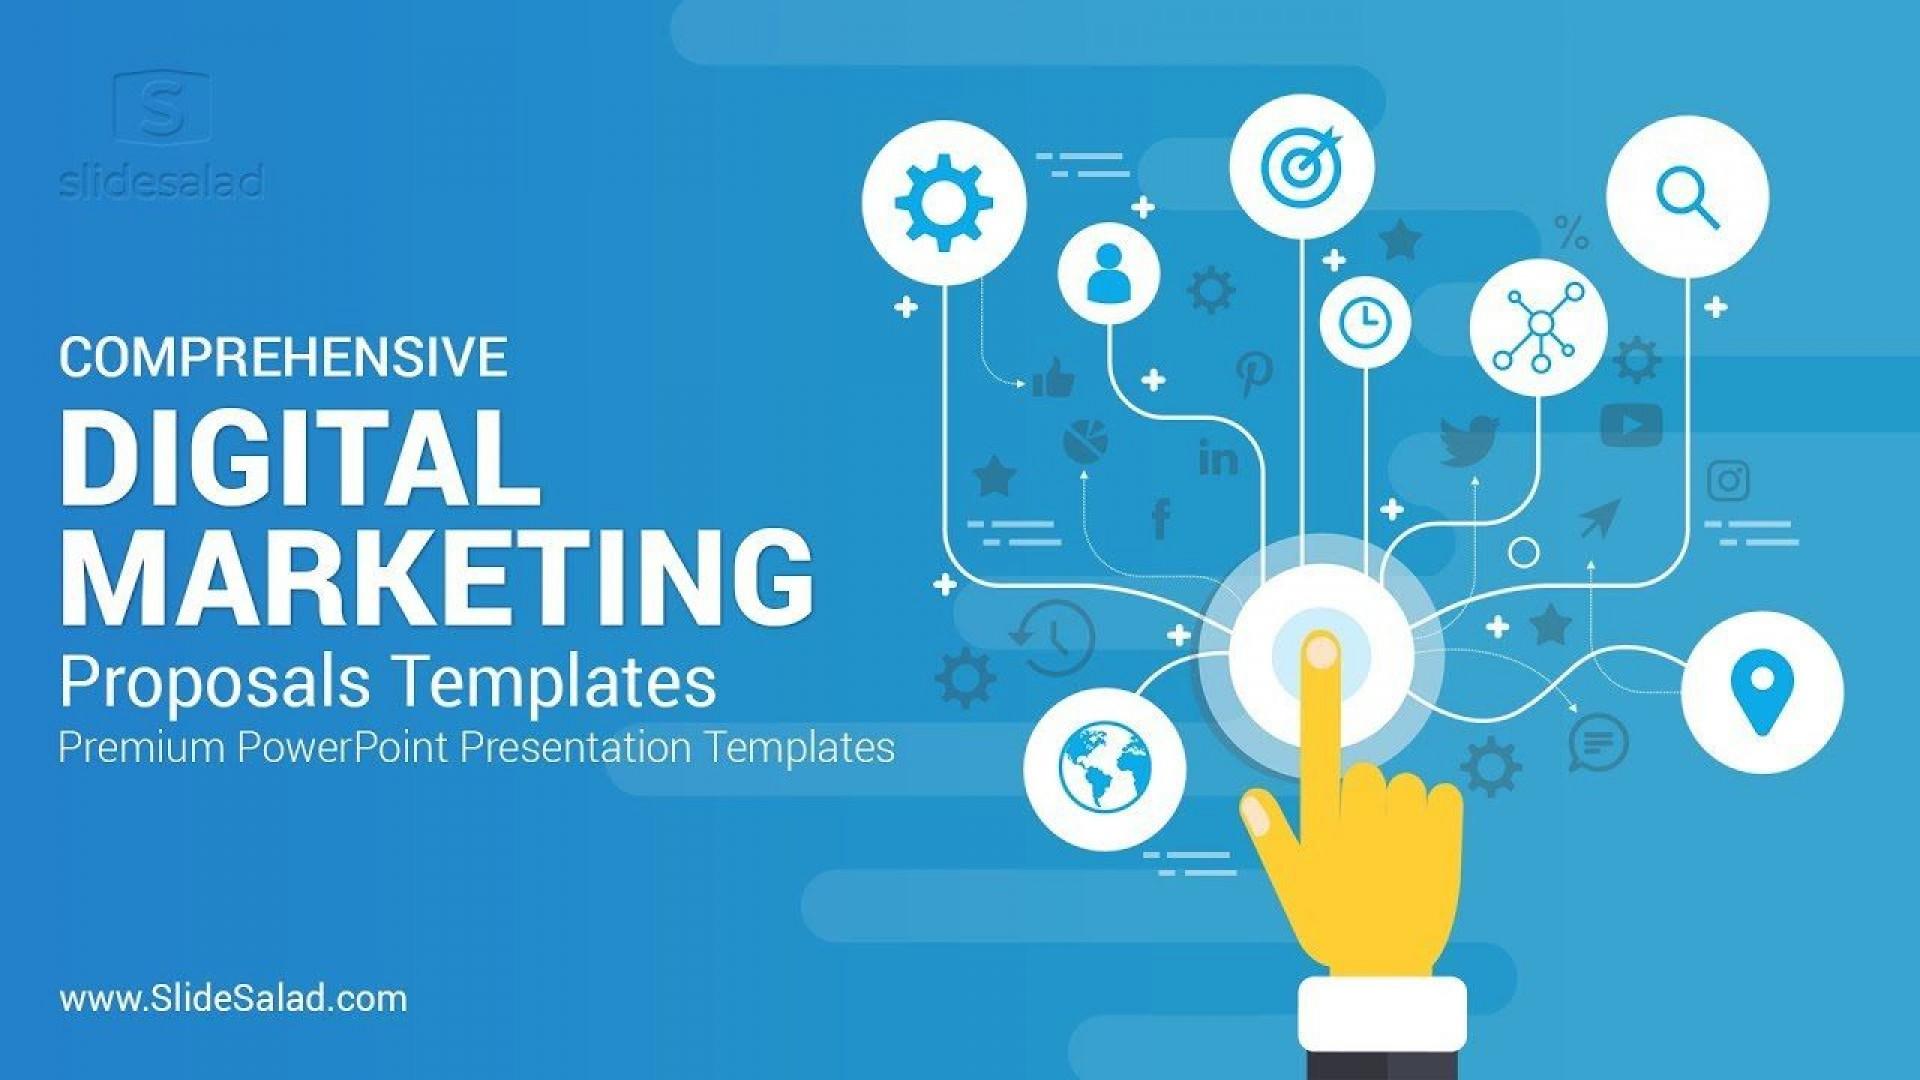 002 Remarkable Digital Marketing Plan Sample Ppt Picture 1920